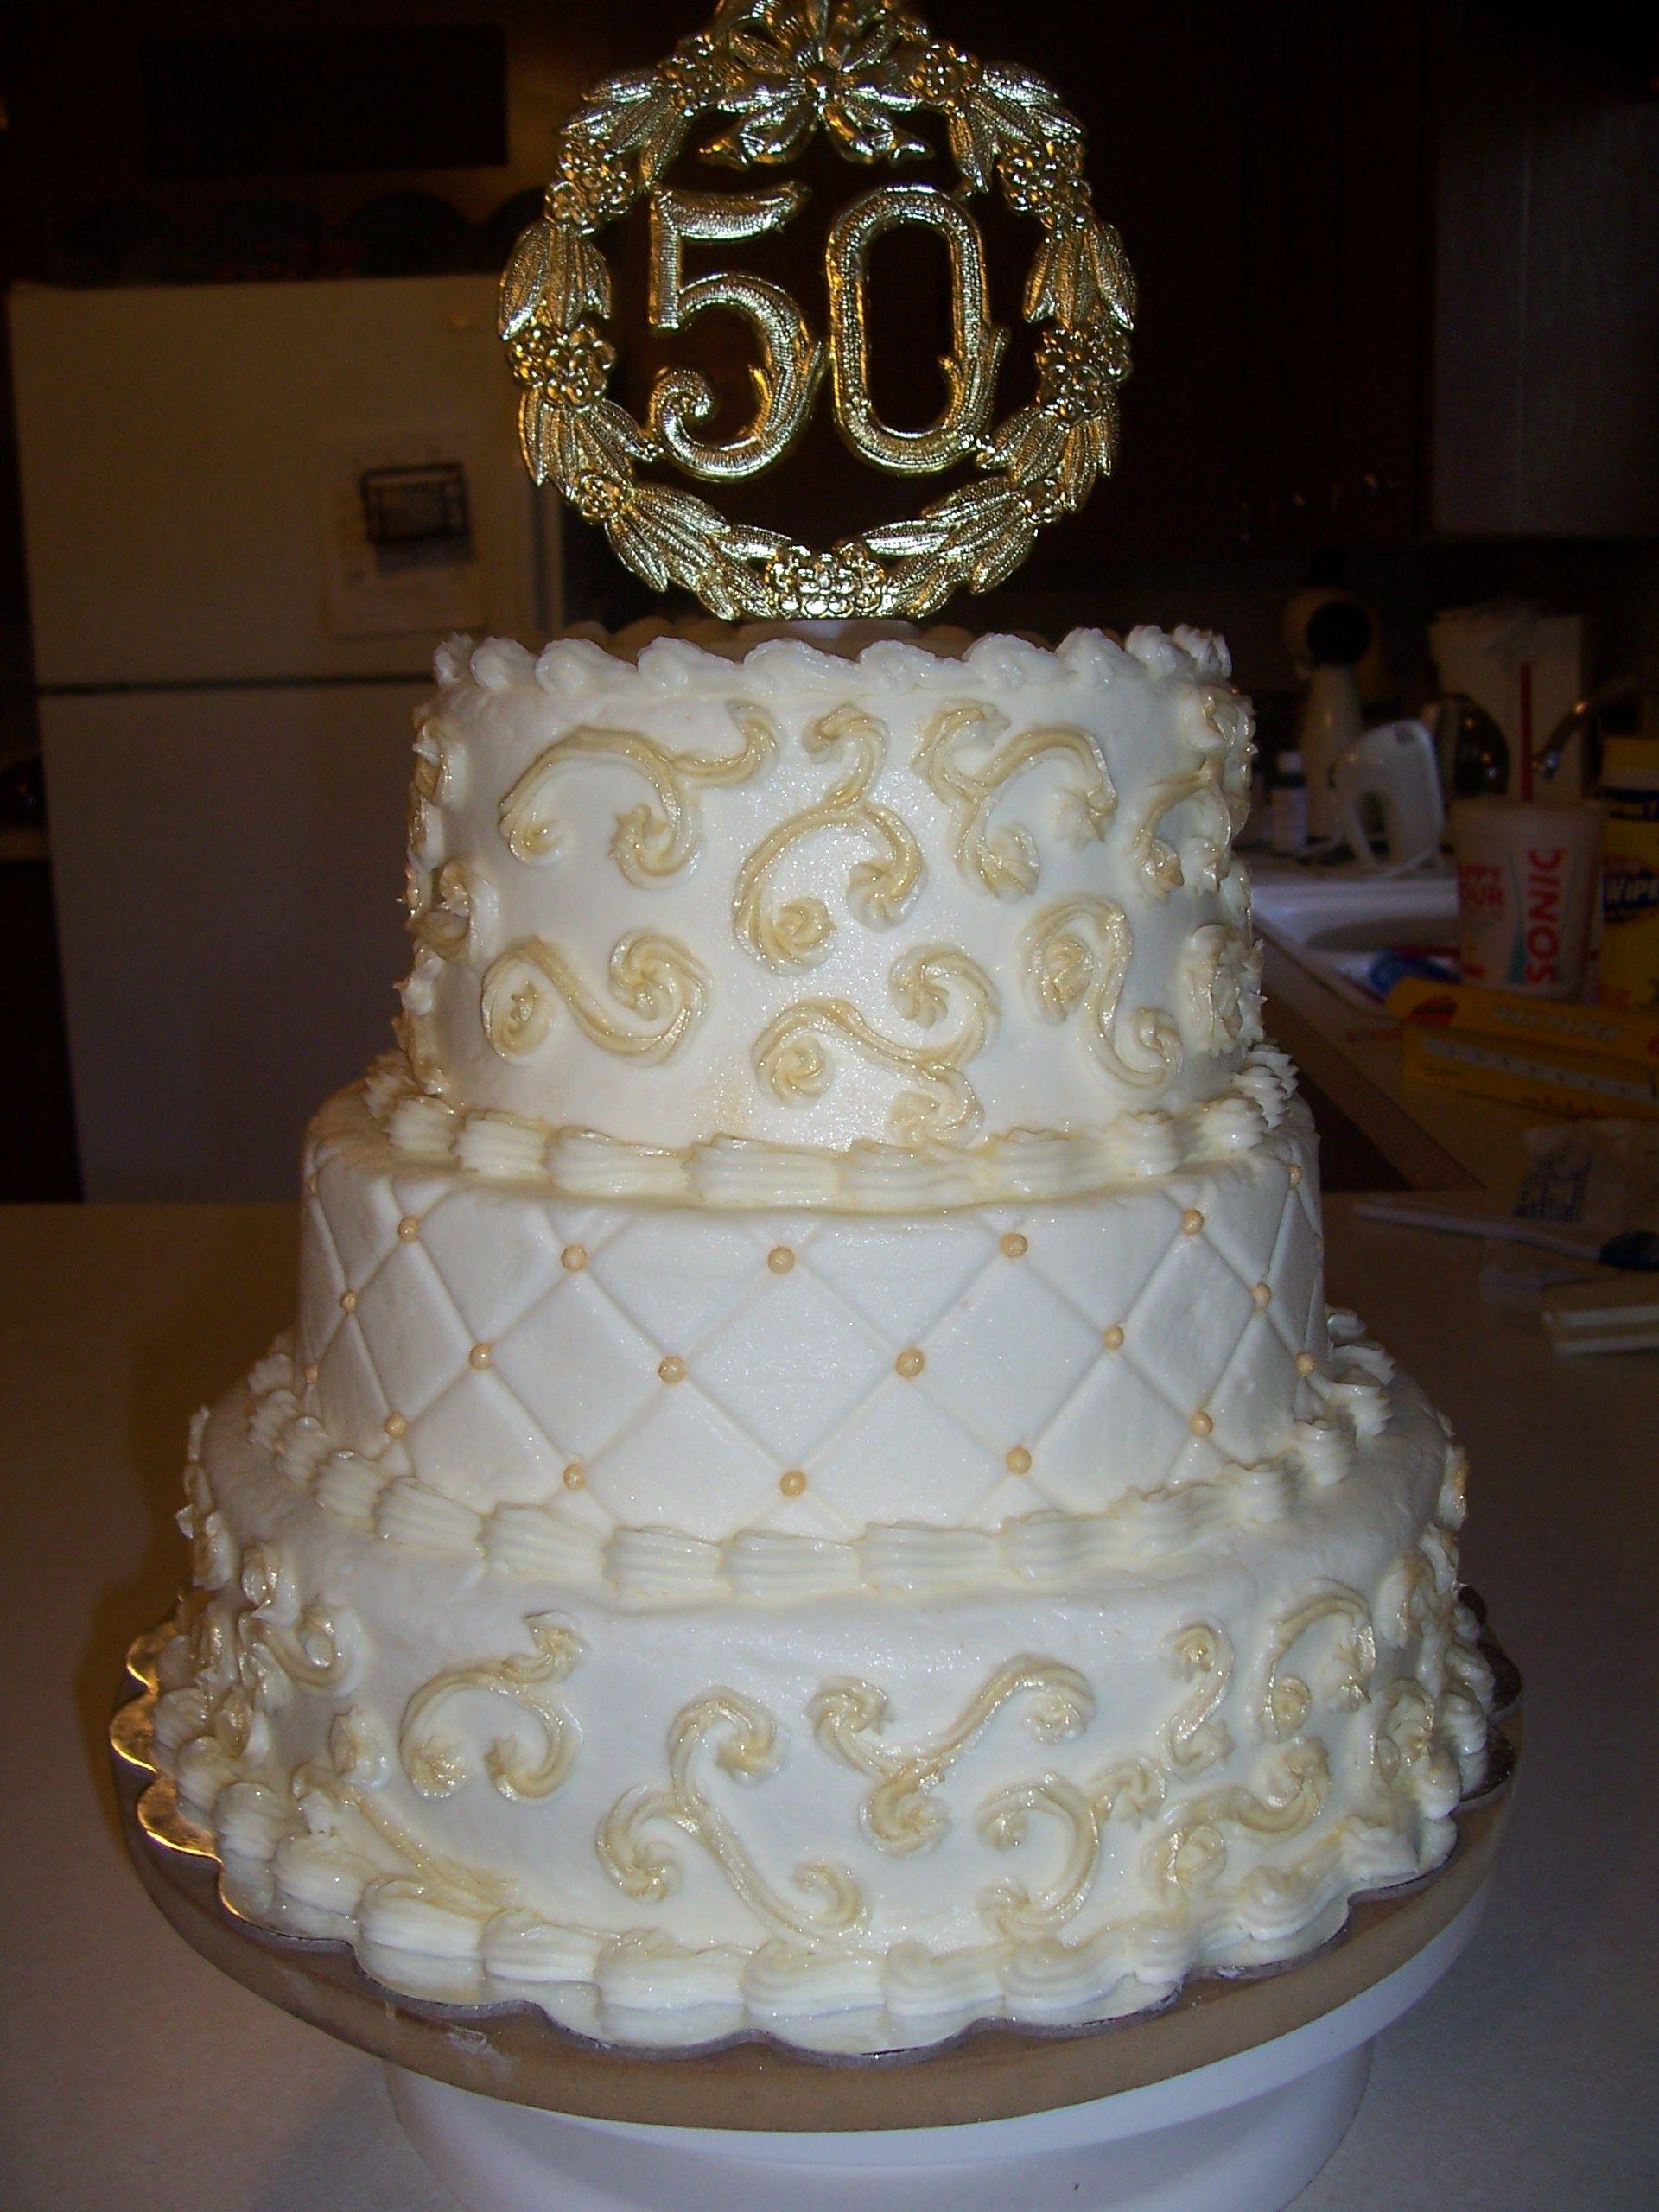 50th Wedding Anniversary Cake   50th anniversary cakes ...